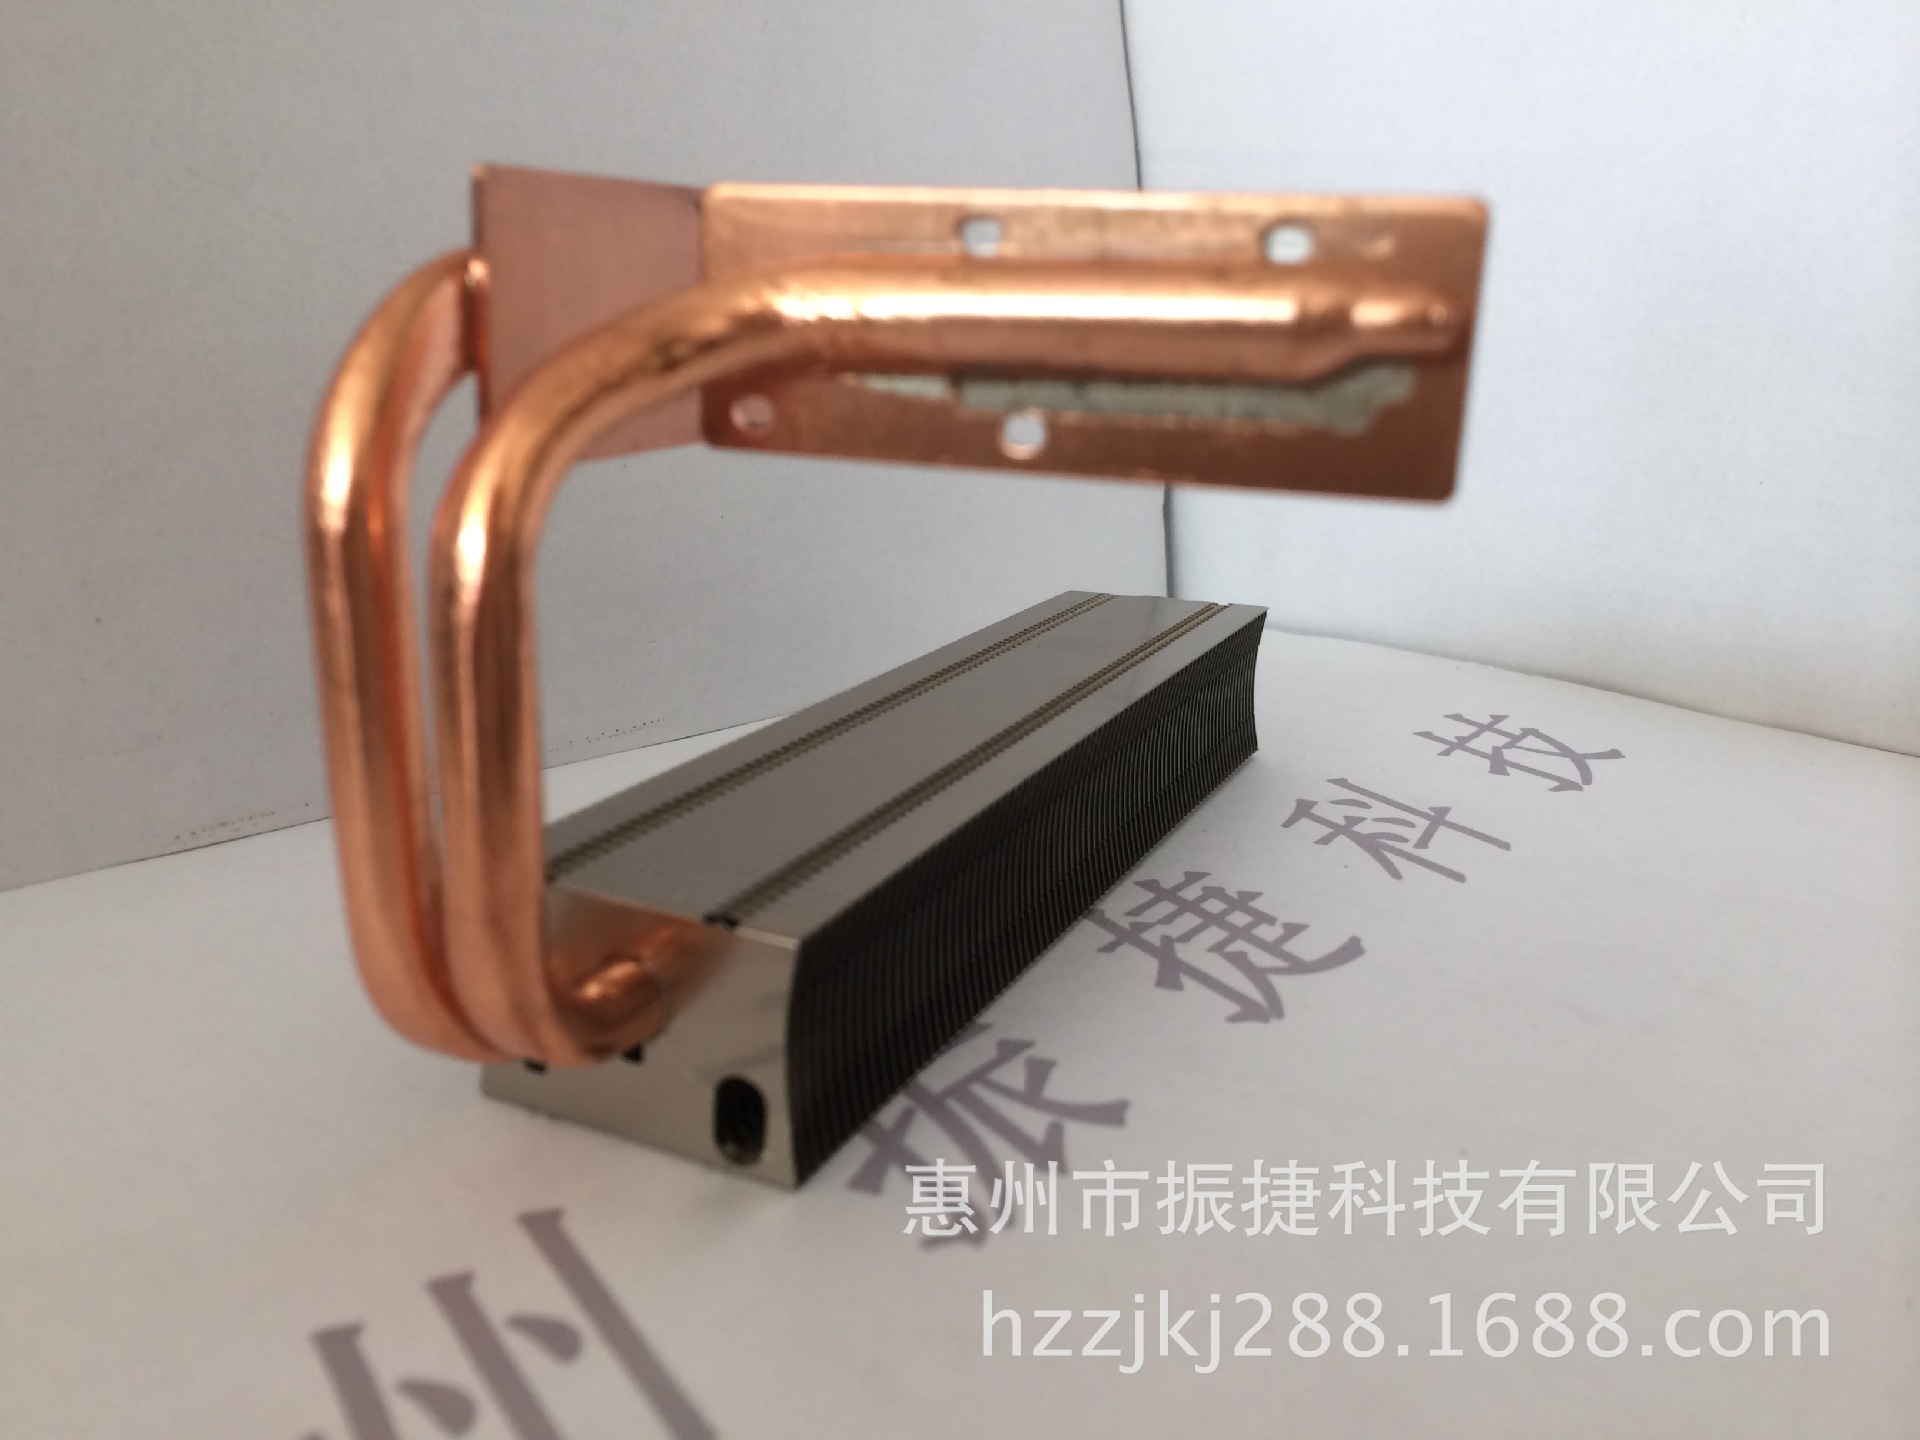 振捷热管优品质价格低散热器散热模组直销热管导热铜管来图加工